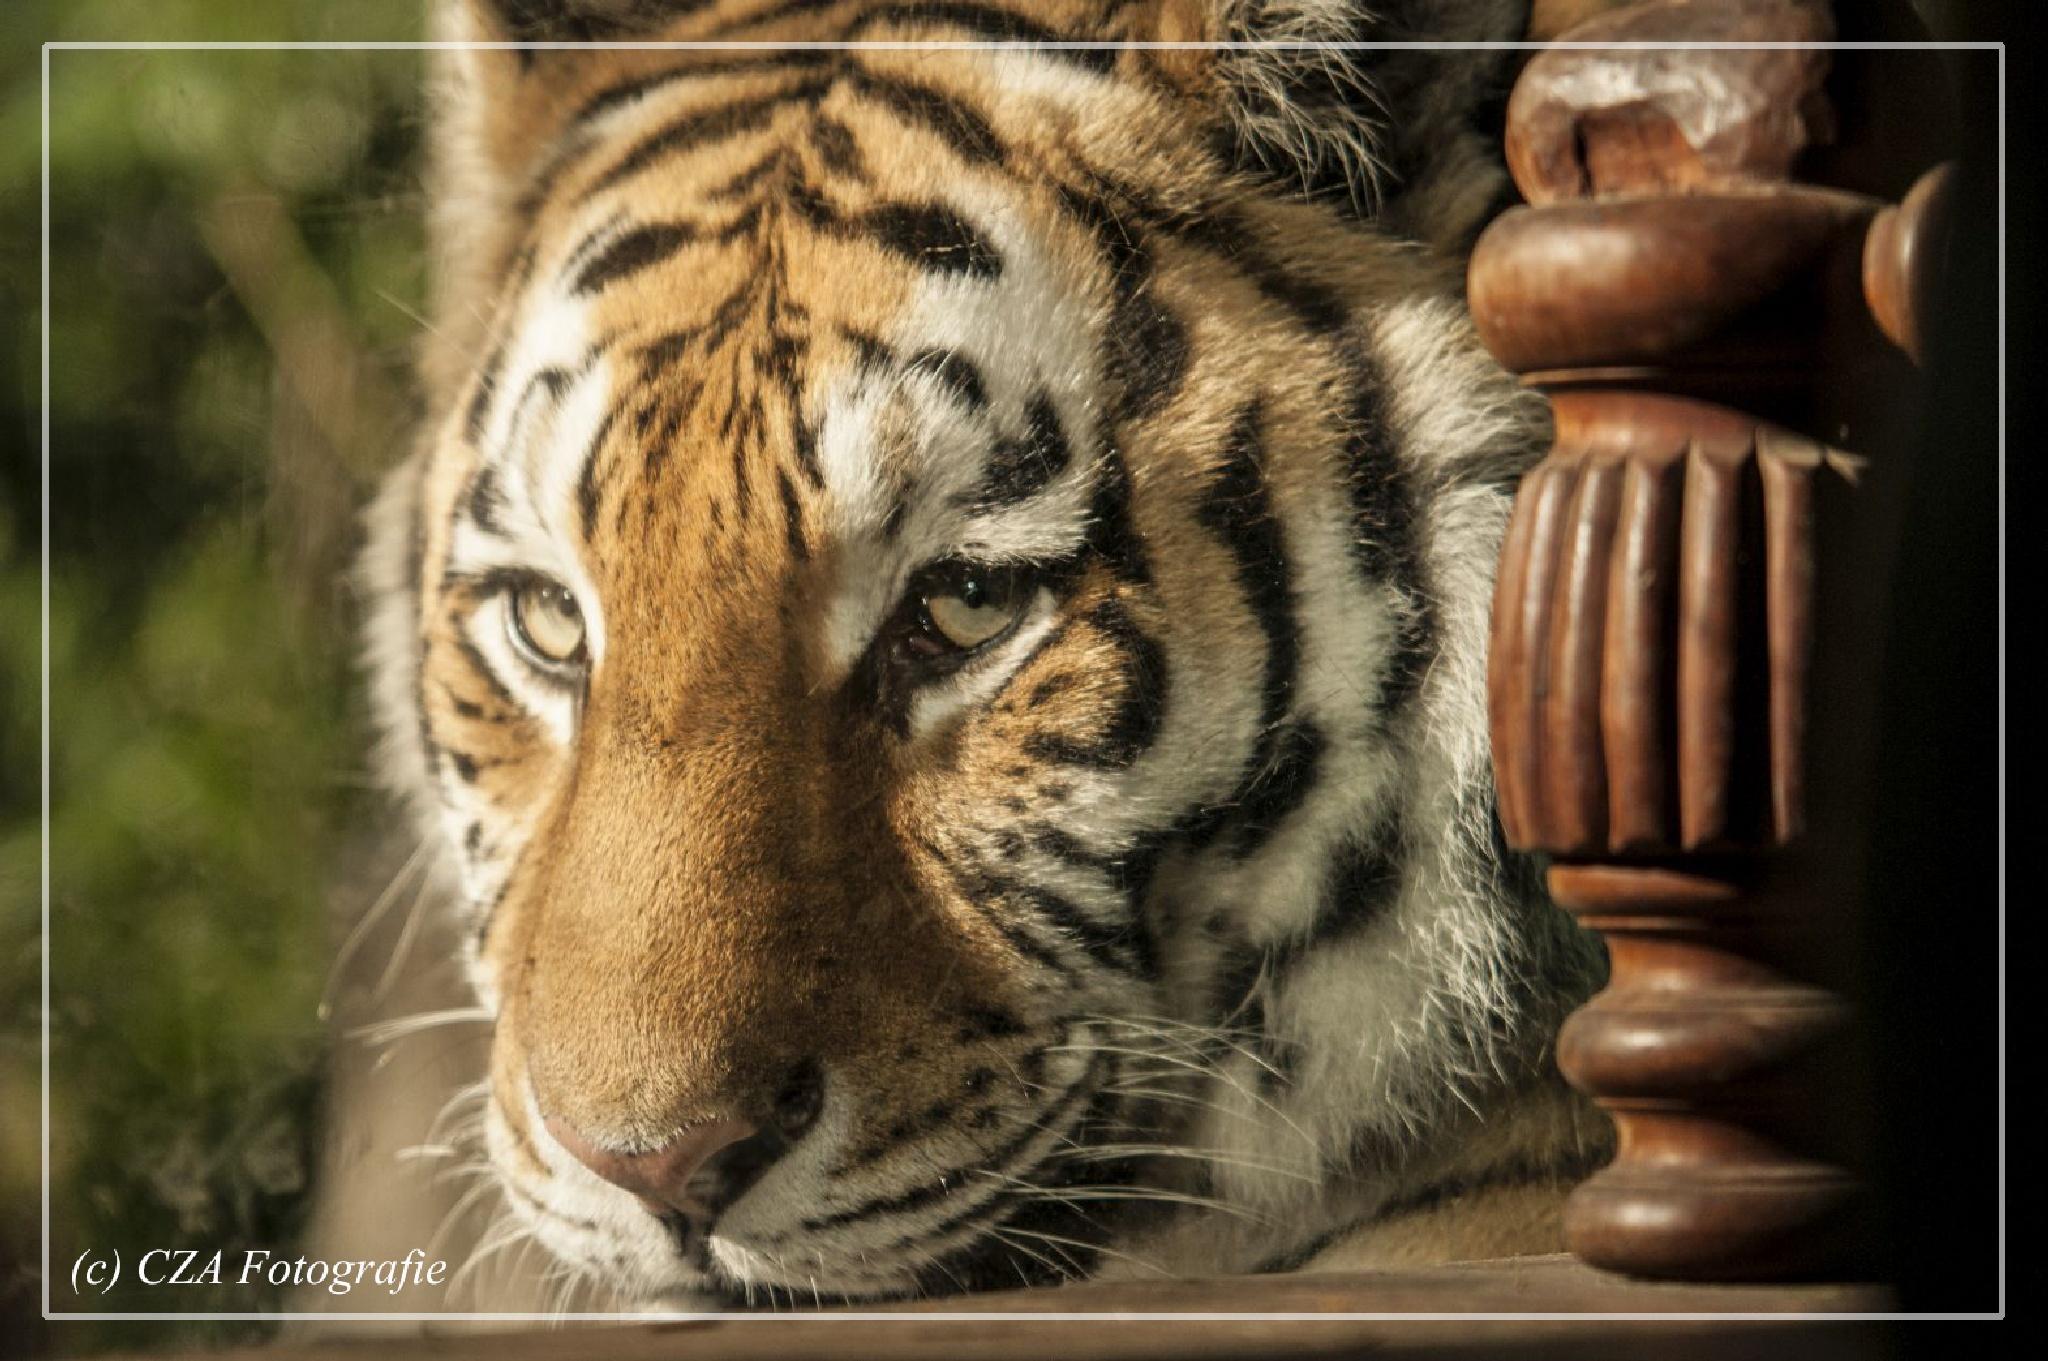 Tiger by cza-fotografie